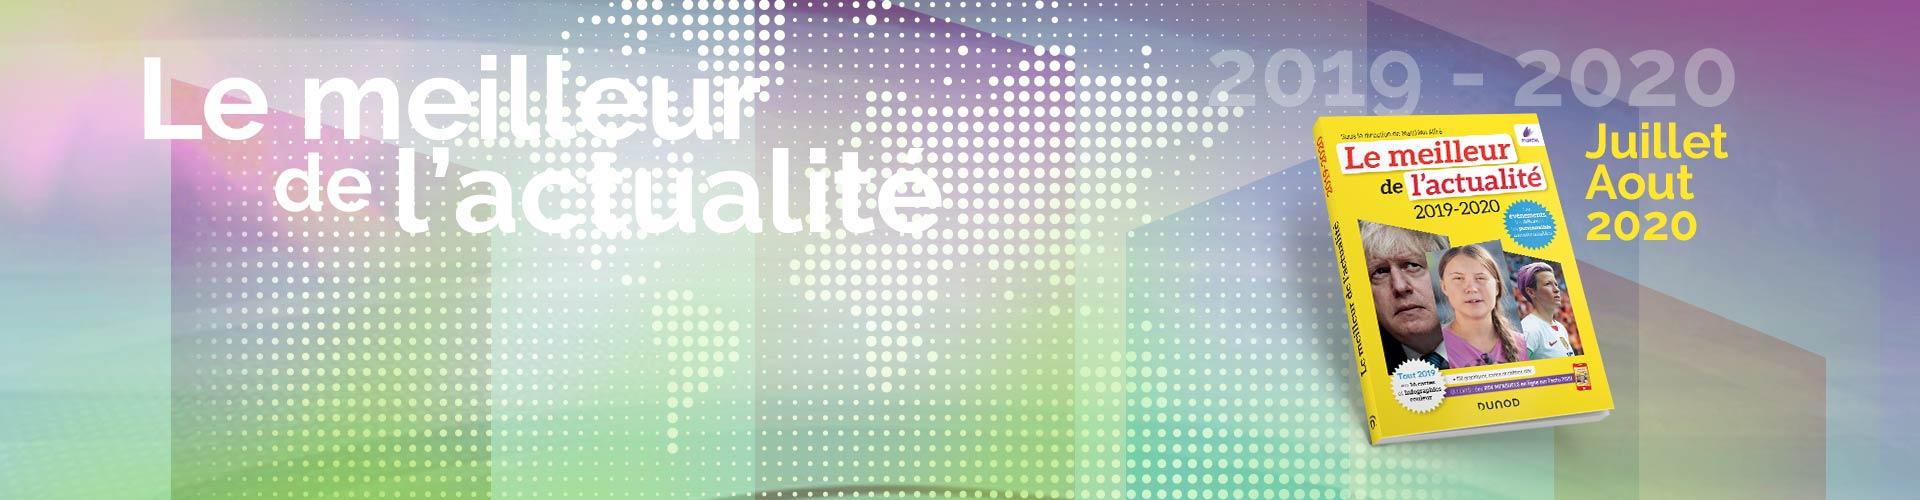 Les rendez-vous de l'actualité- Juillet et Aout 2020